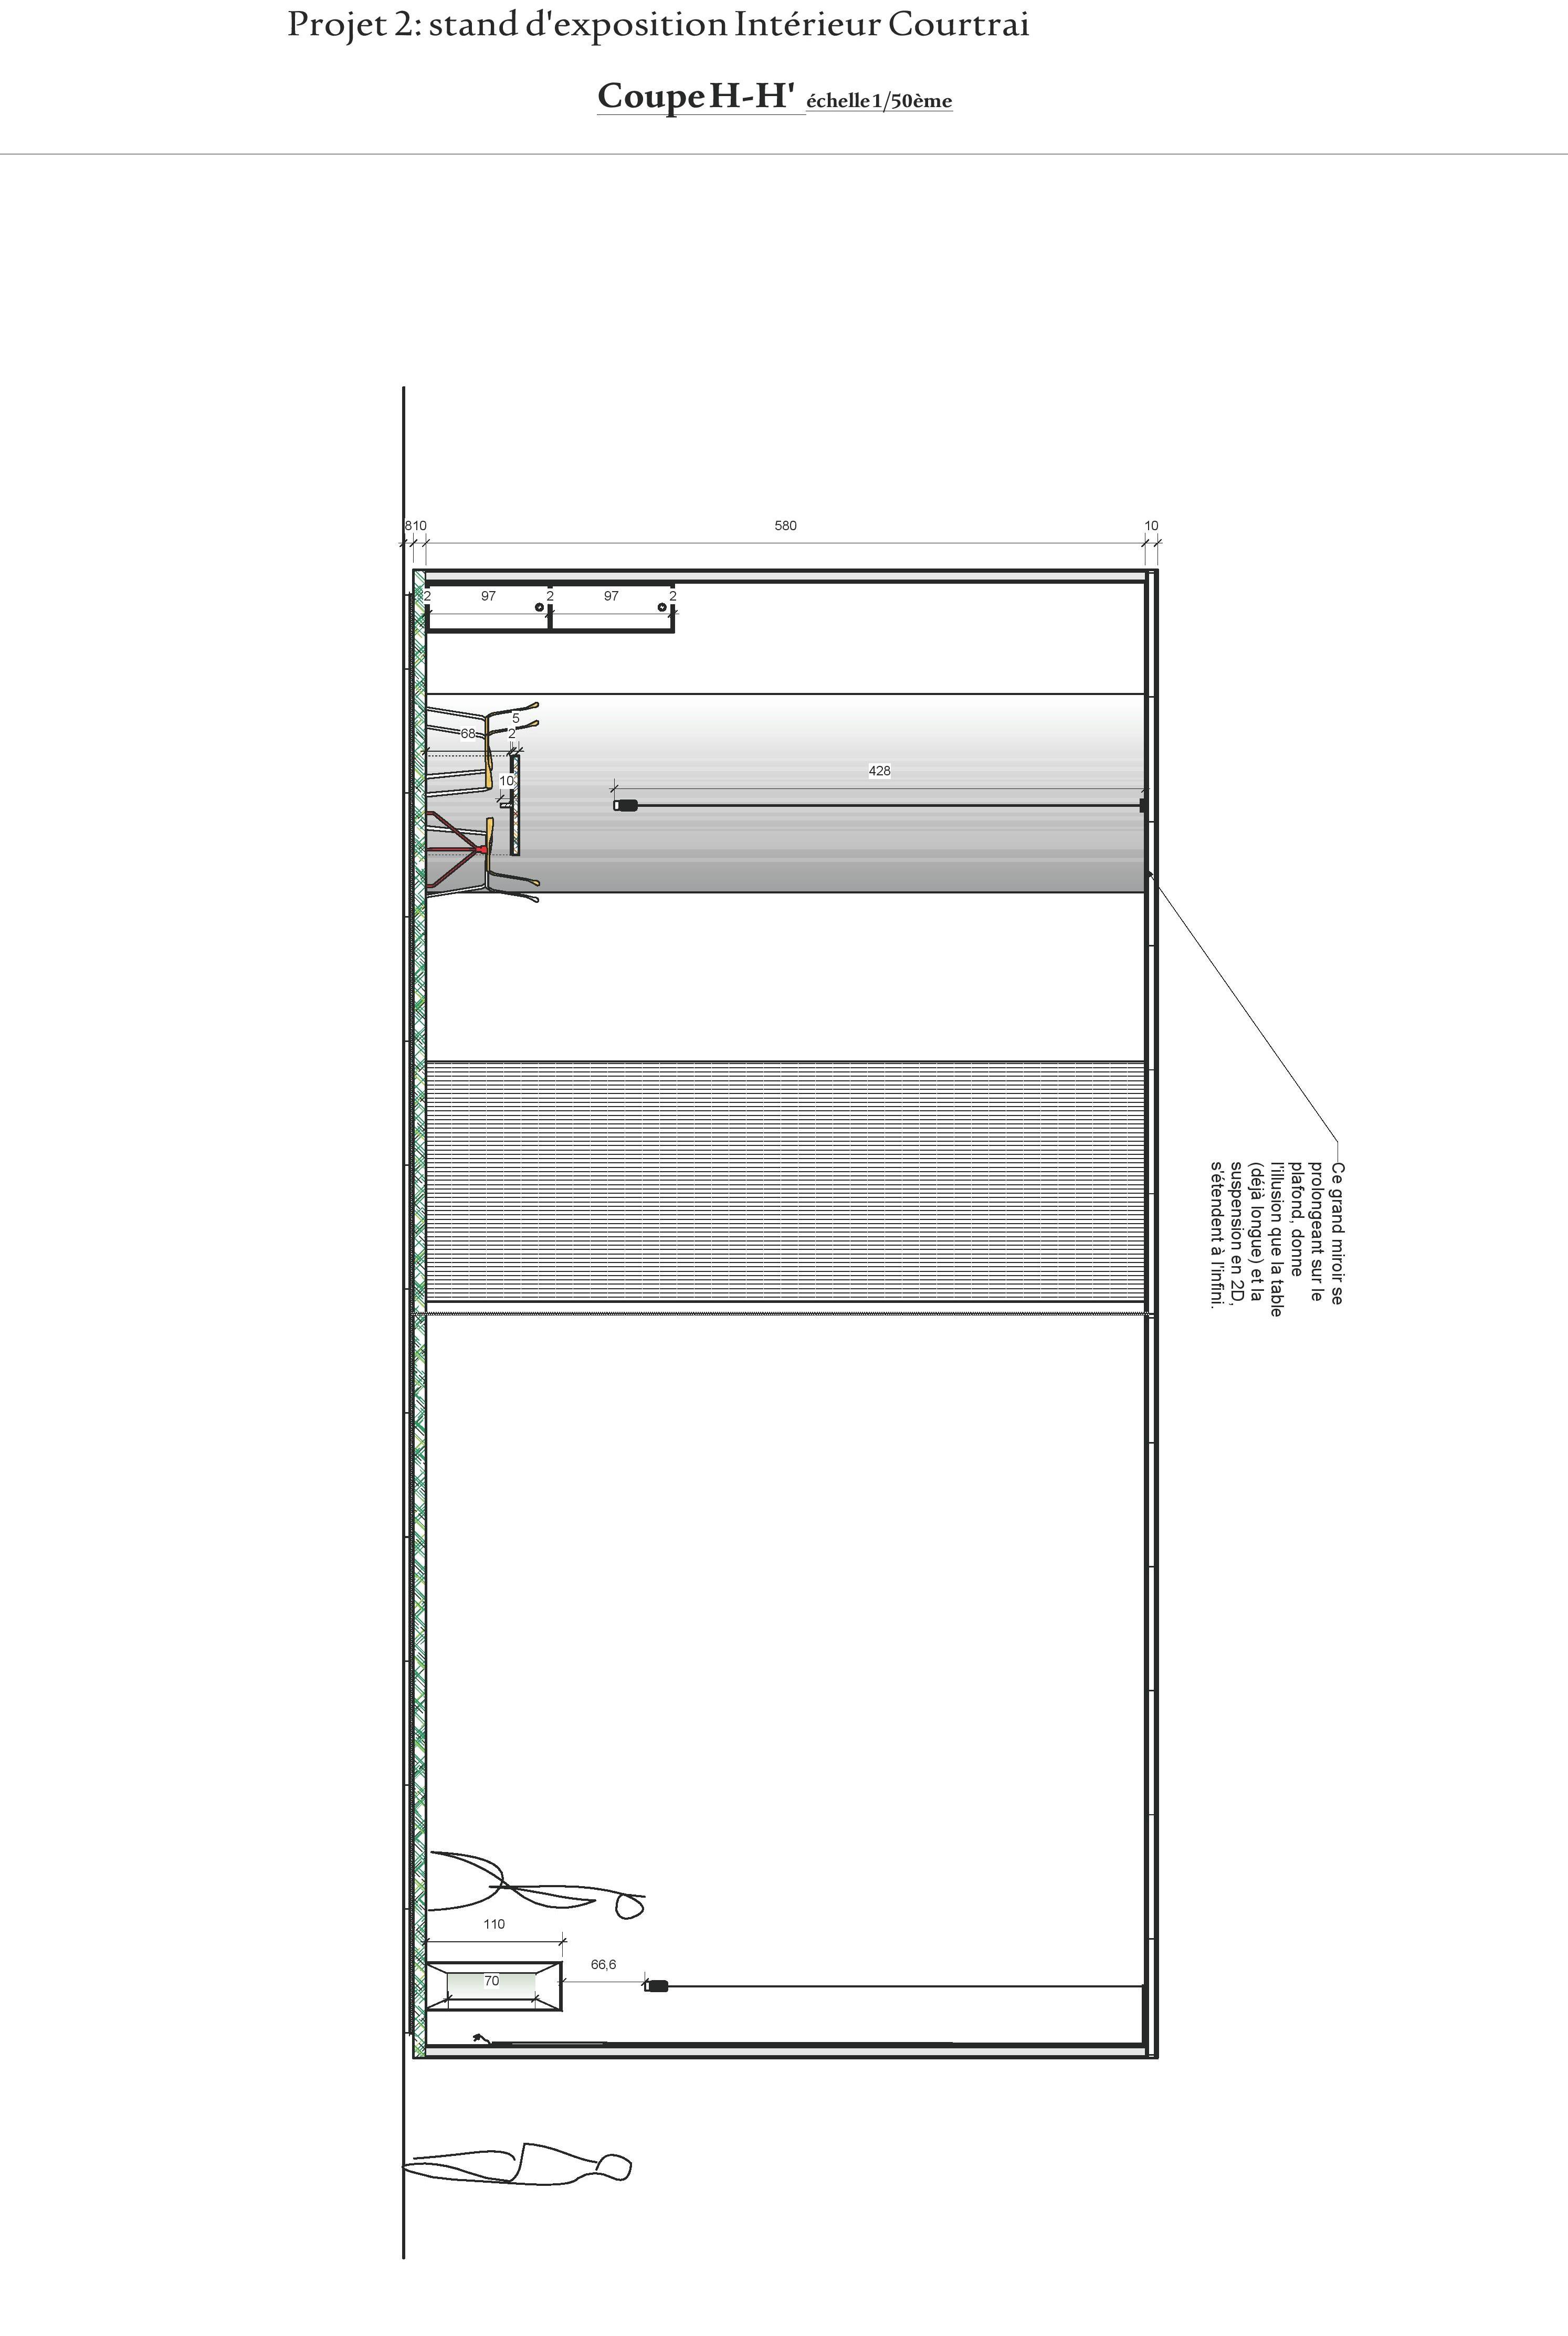 projet 2 plans impression.vwx-page-009